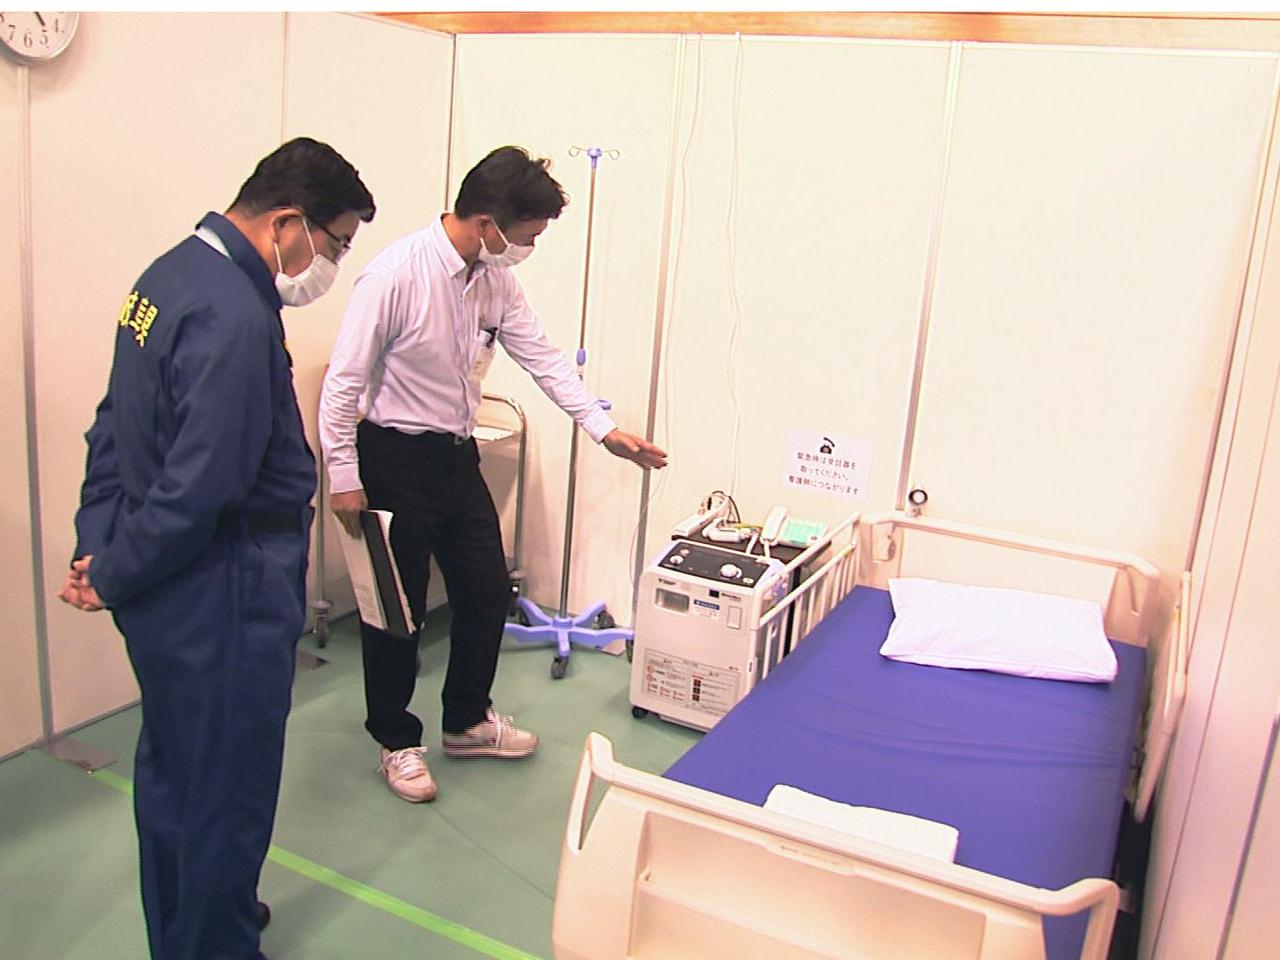 新型コロナウイルスの感染急増に備え、岐阜県が岐阜市内に整備した臨時医療施設が6日...